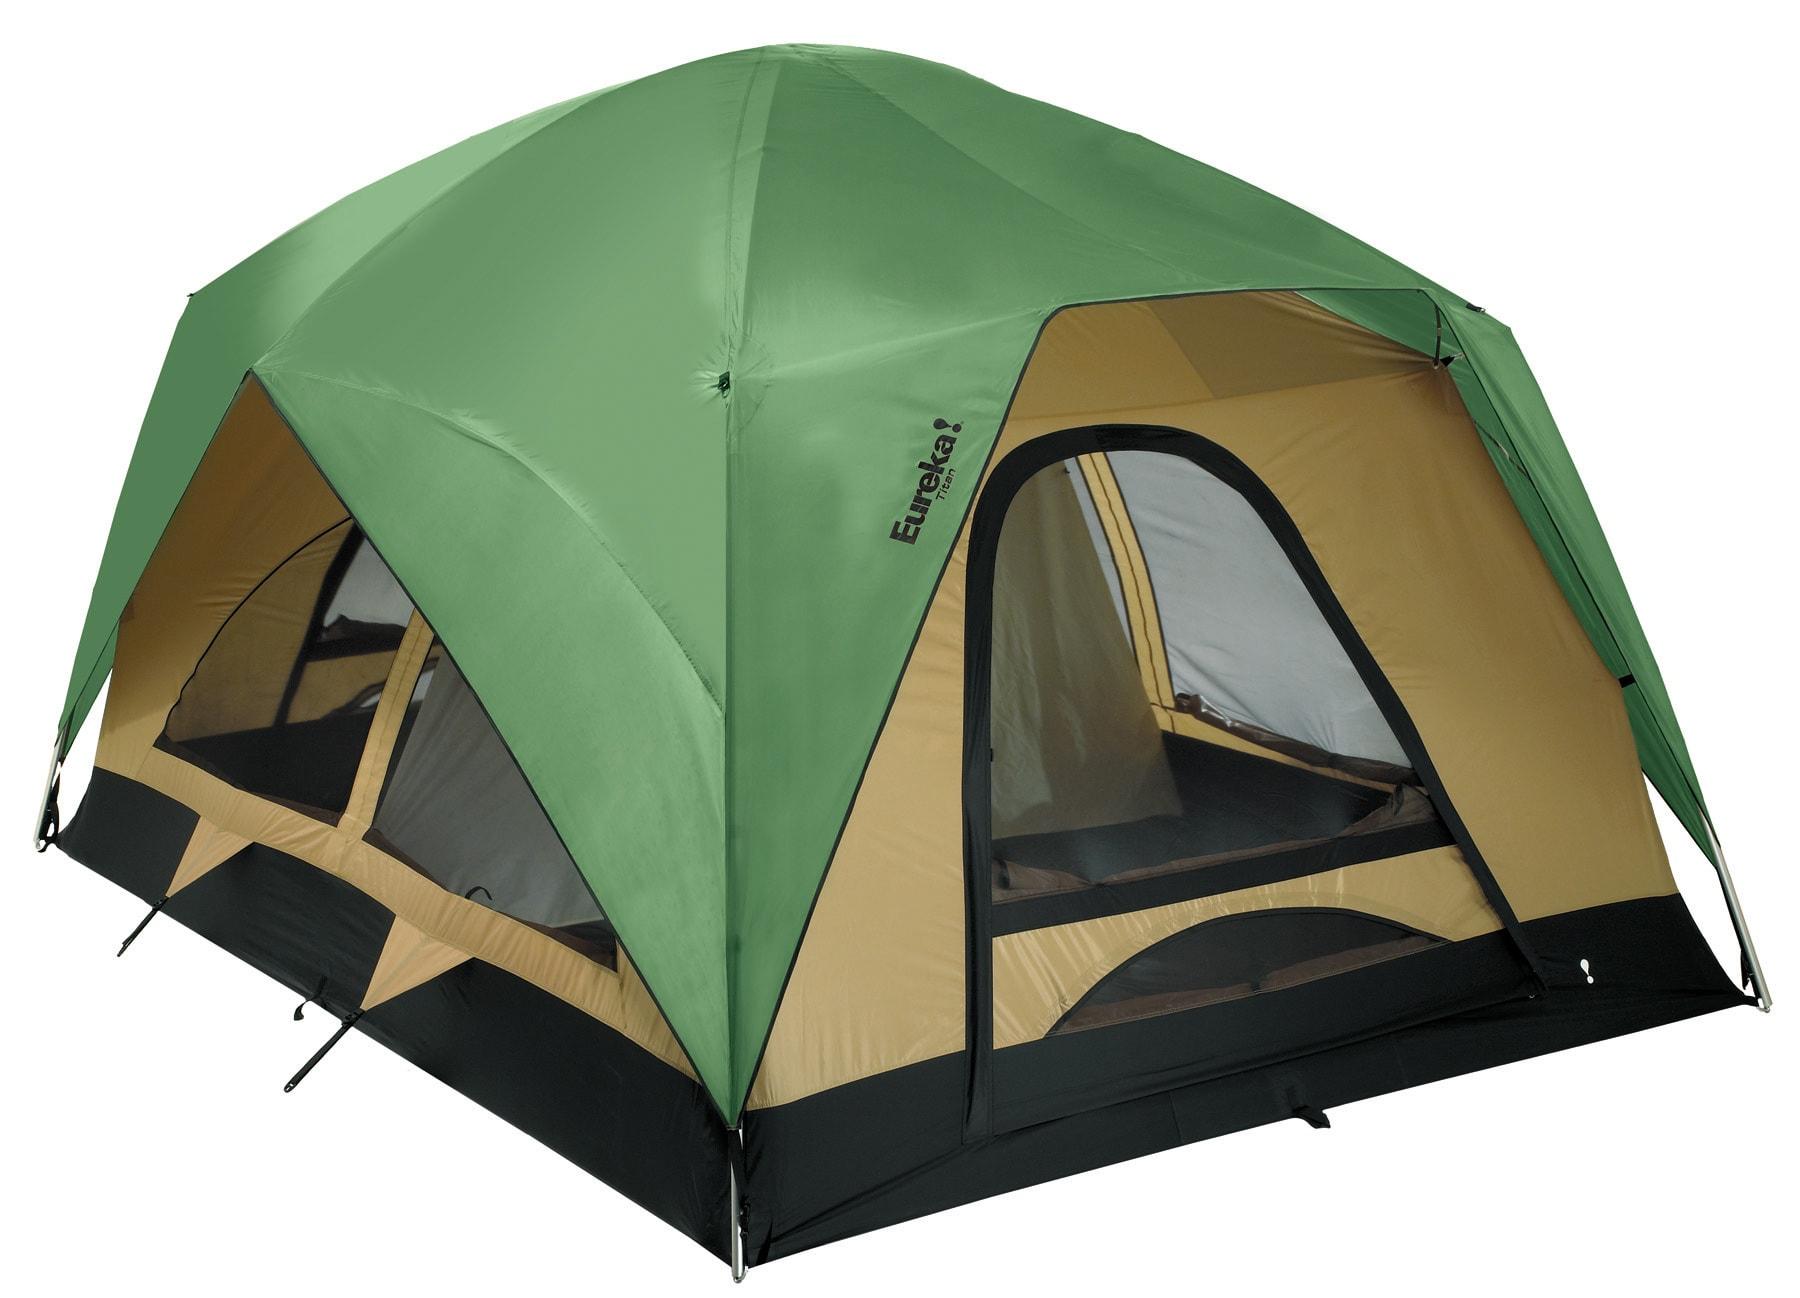 Eureka Titan 8 Person Tent - thumbnail 1  sc 1 st  The House & On Sale Eureka Titan 8 Person Tent up to 60% off